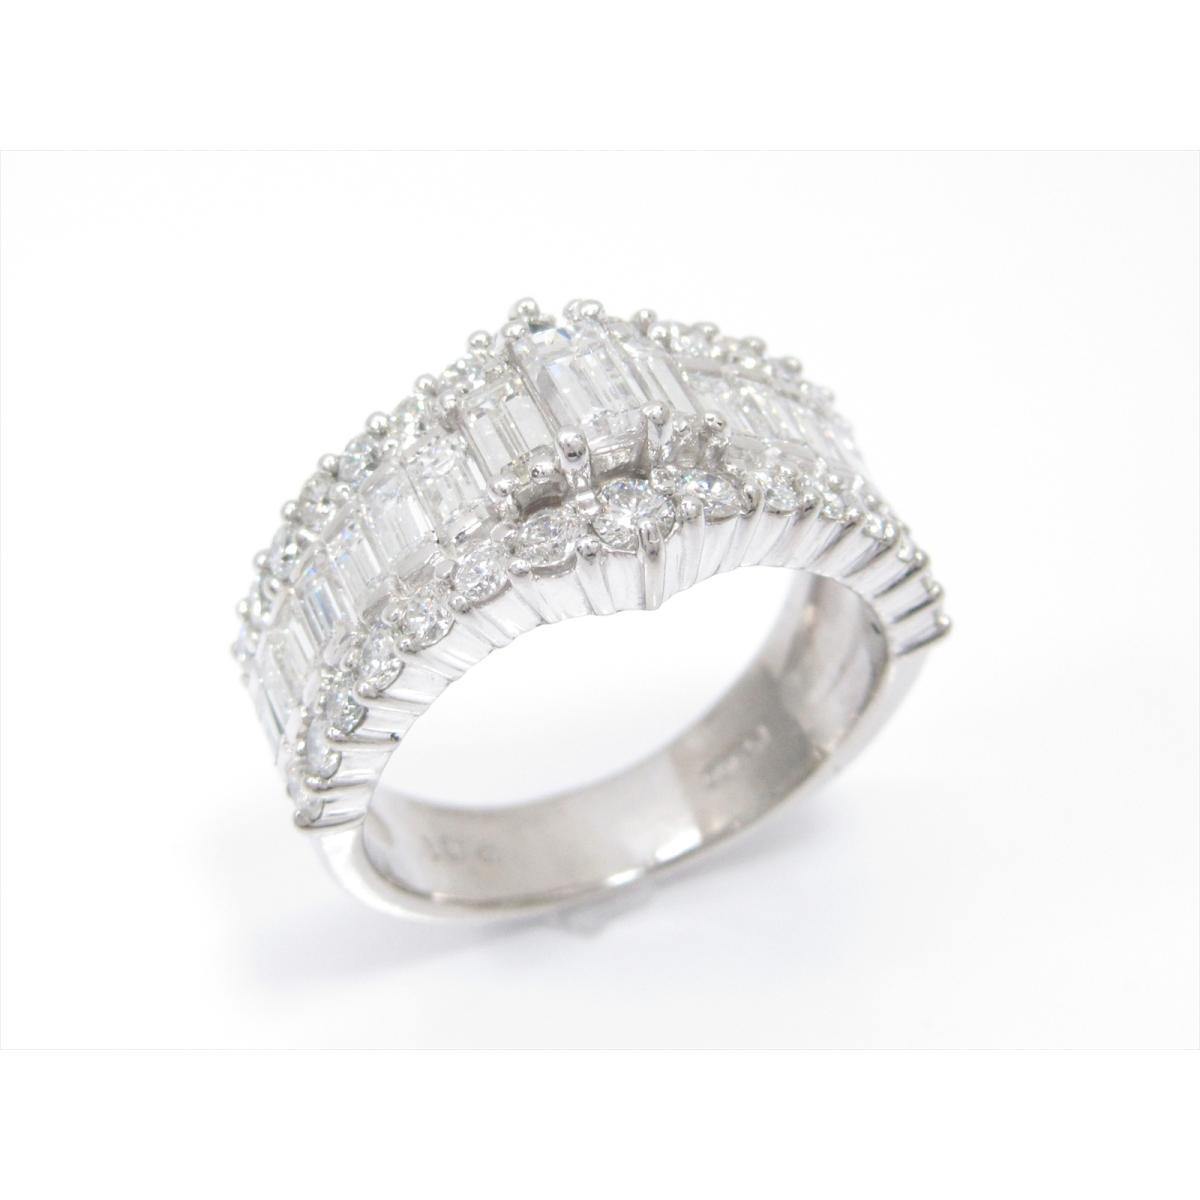 【最大24回無金利】 ジュエリー ダイヤモンドリング 指輪 10号 貴金属 宝石 レディース PT900 プラチナxダイヤモンド2.01ct 【中古】 | JEWELRY BRANDOFF ブランドオフ アクセサリー リング